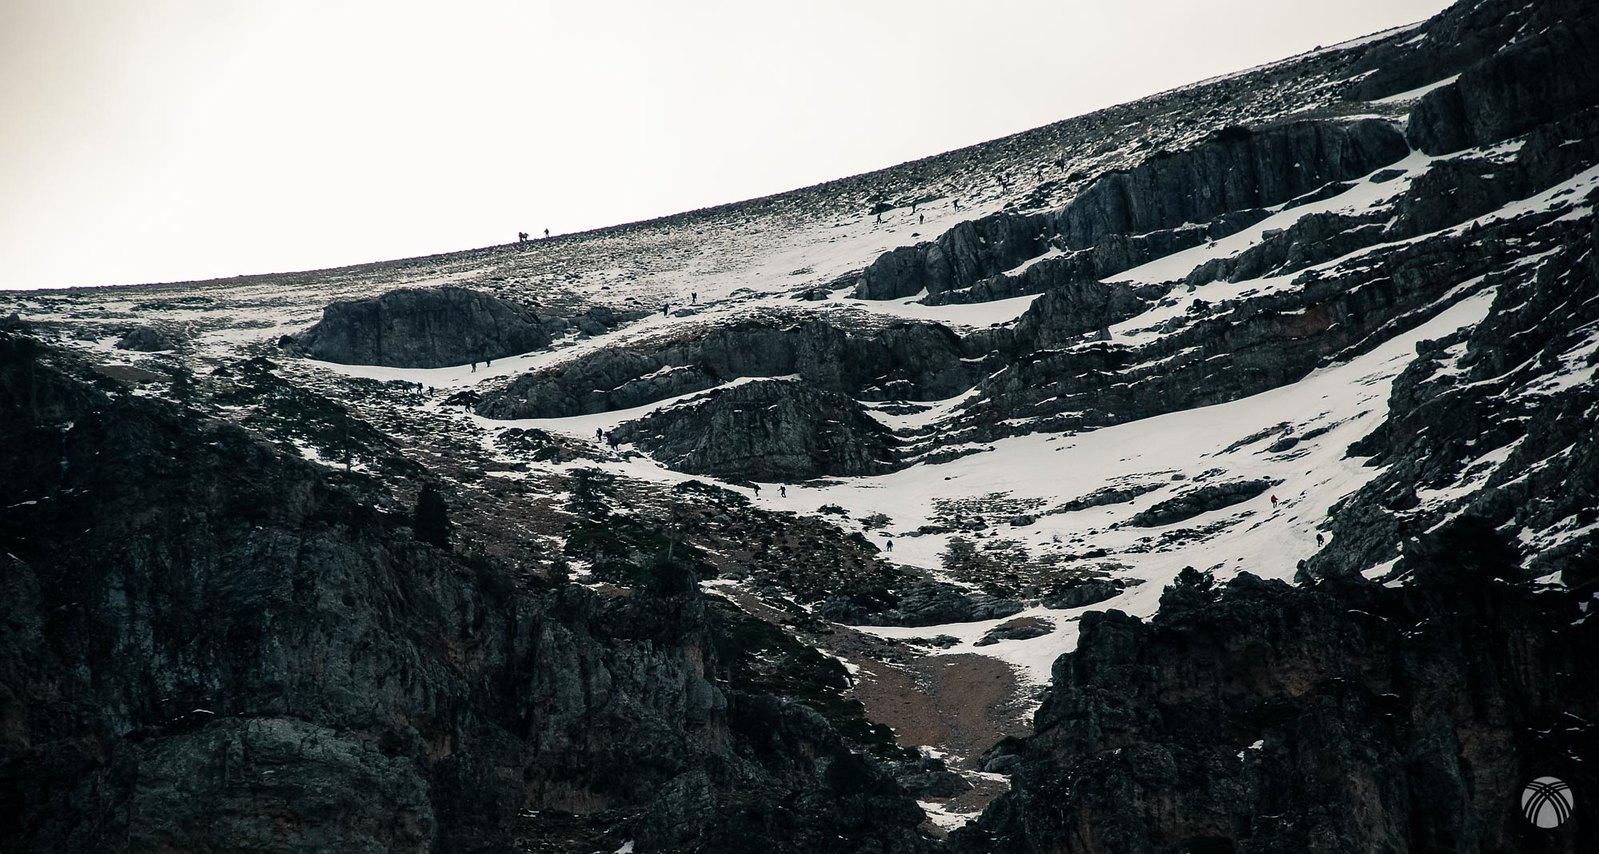 Tirando de zoom mucha gente en la montaña